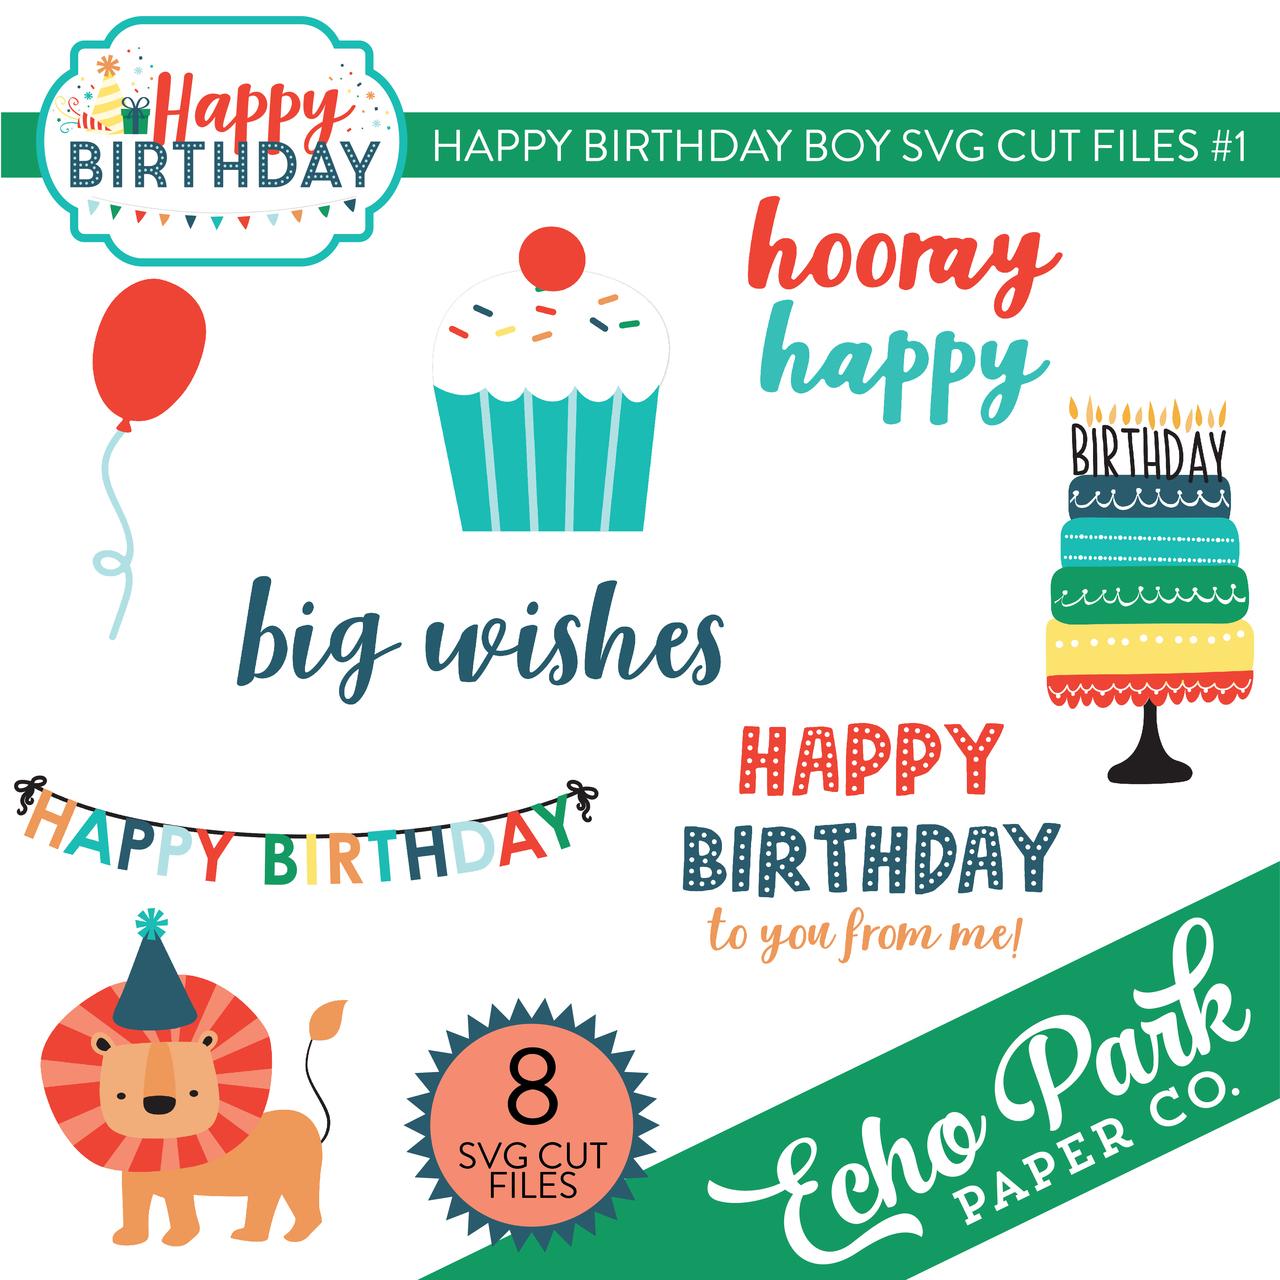 Happy Birthday Boy SVG Cut Files #1